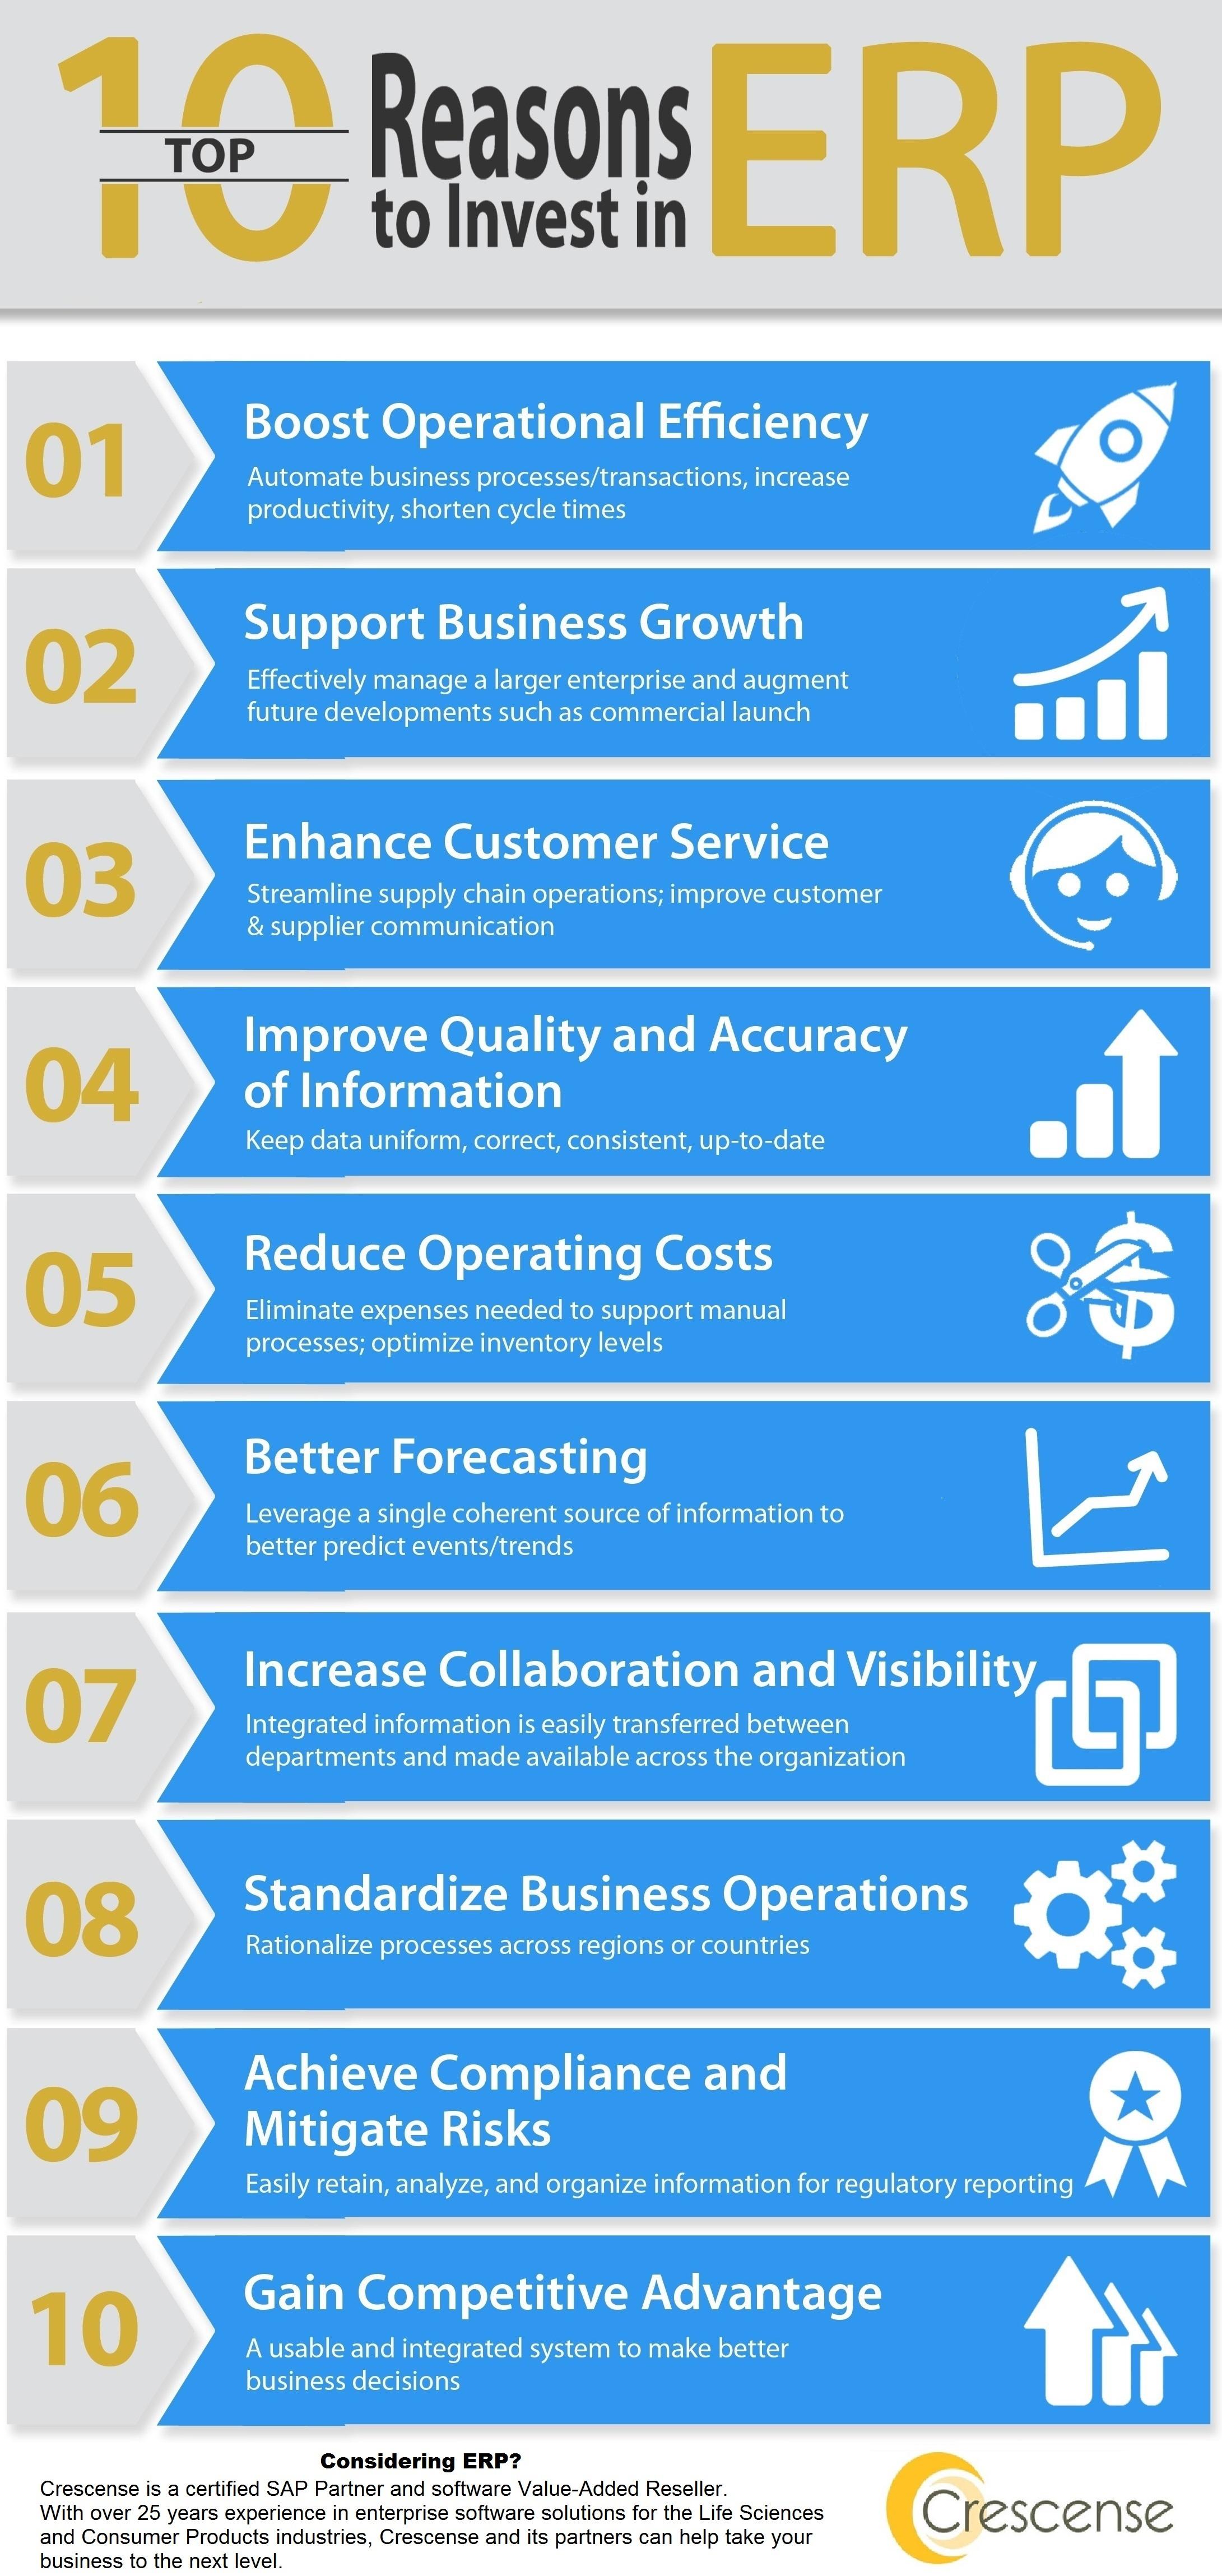 Crescense- Top 10 Reasons - ERP v3.jpg